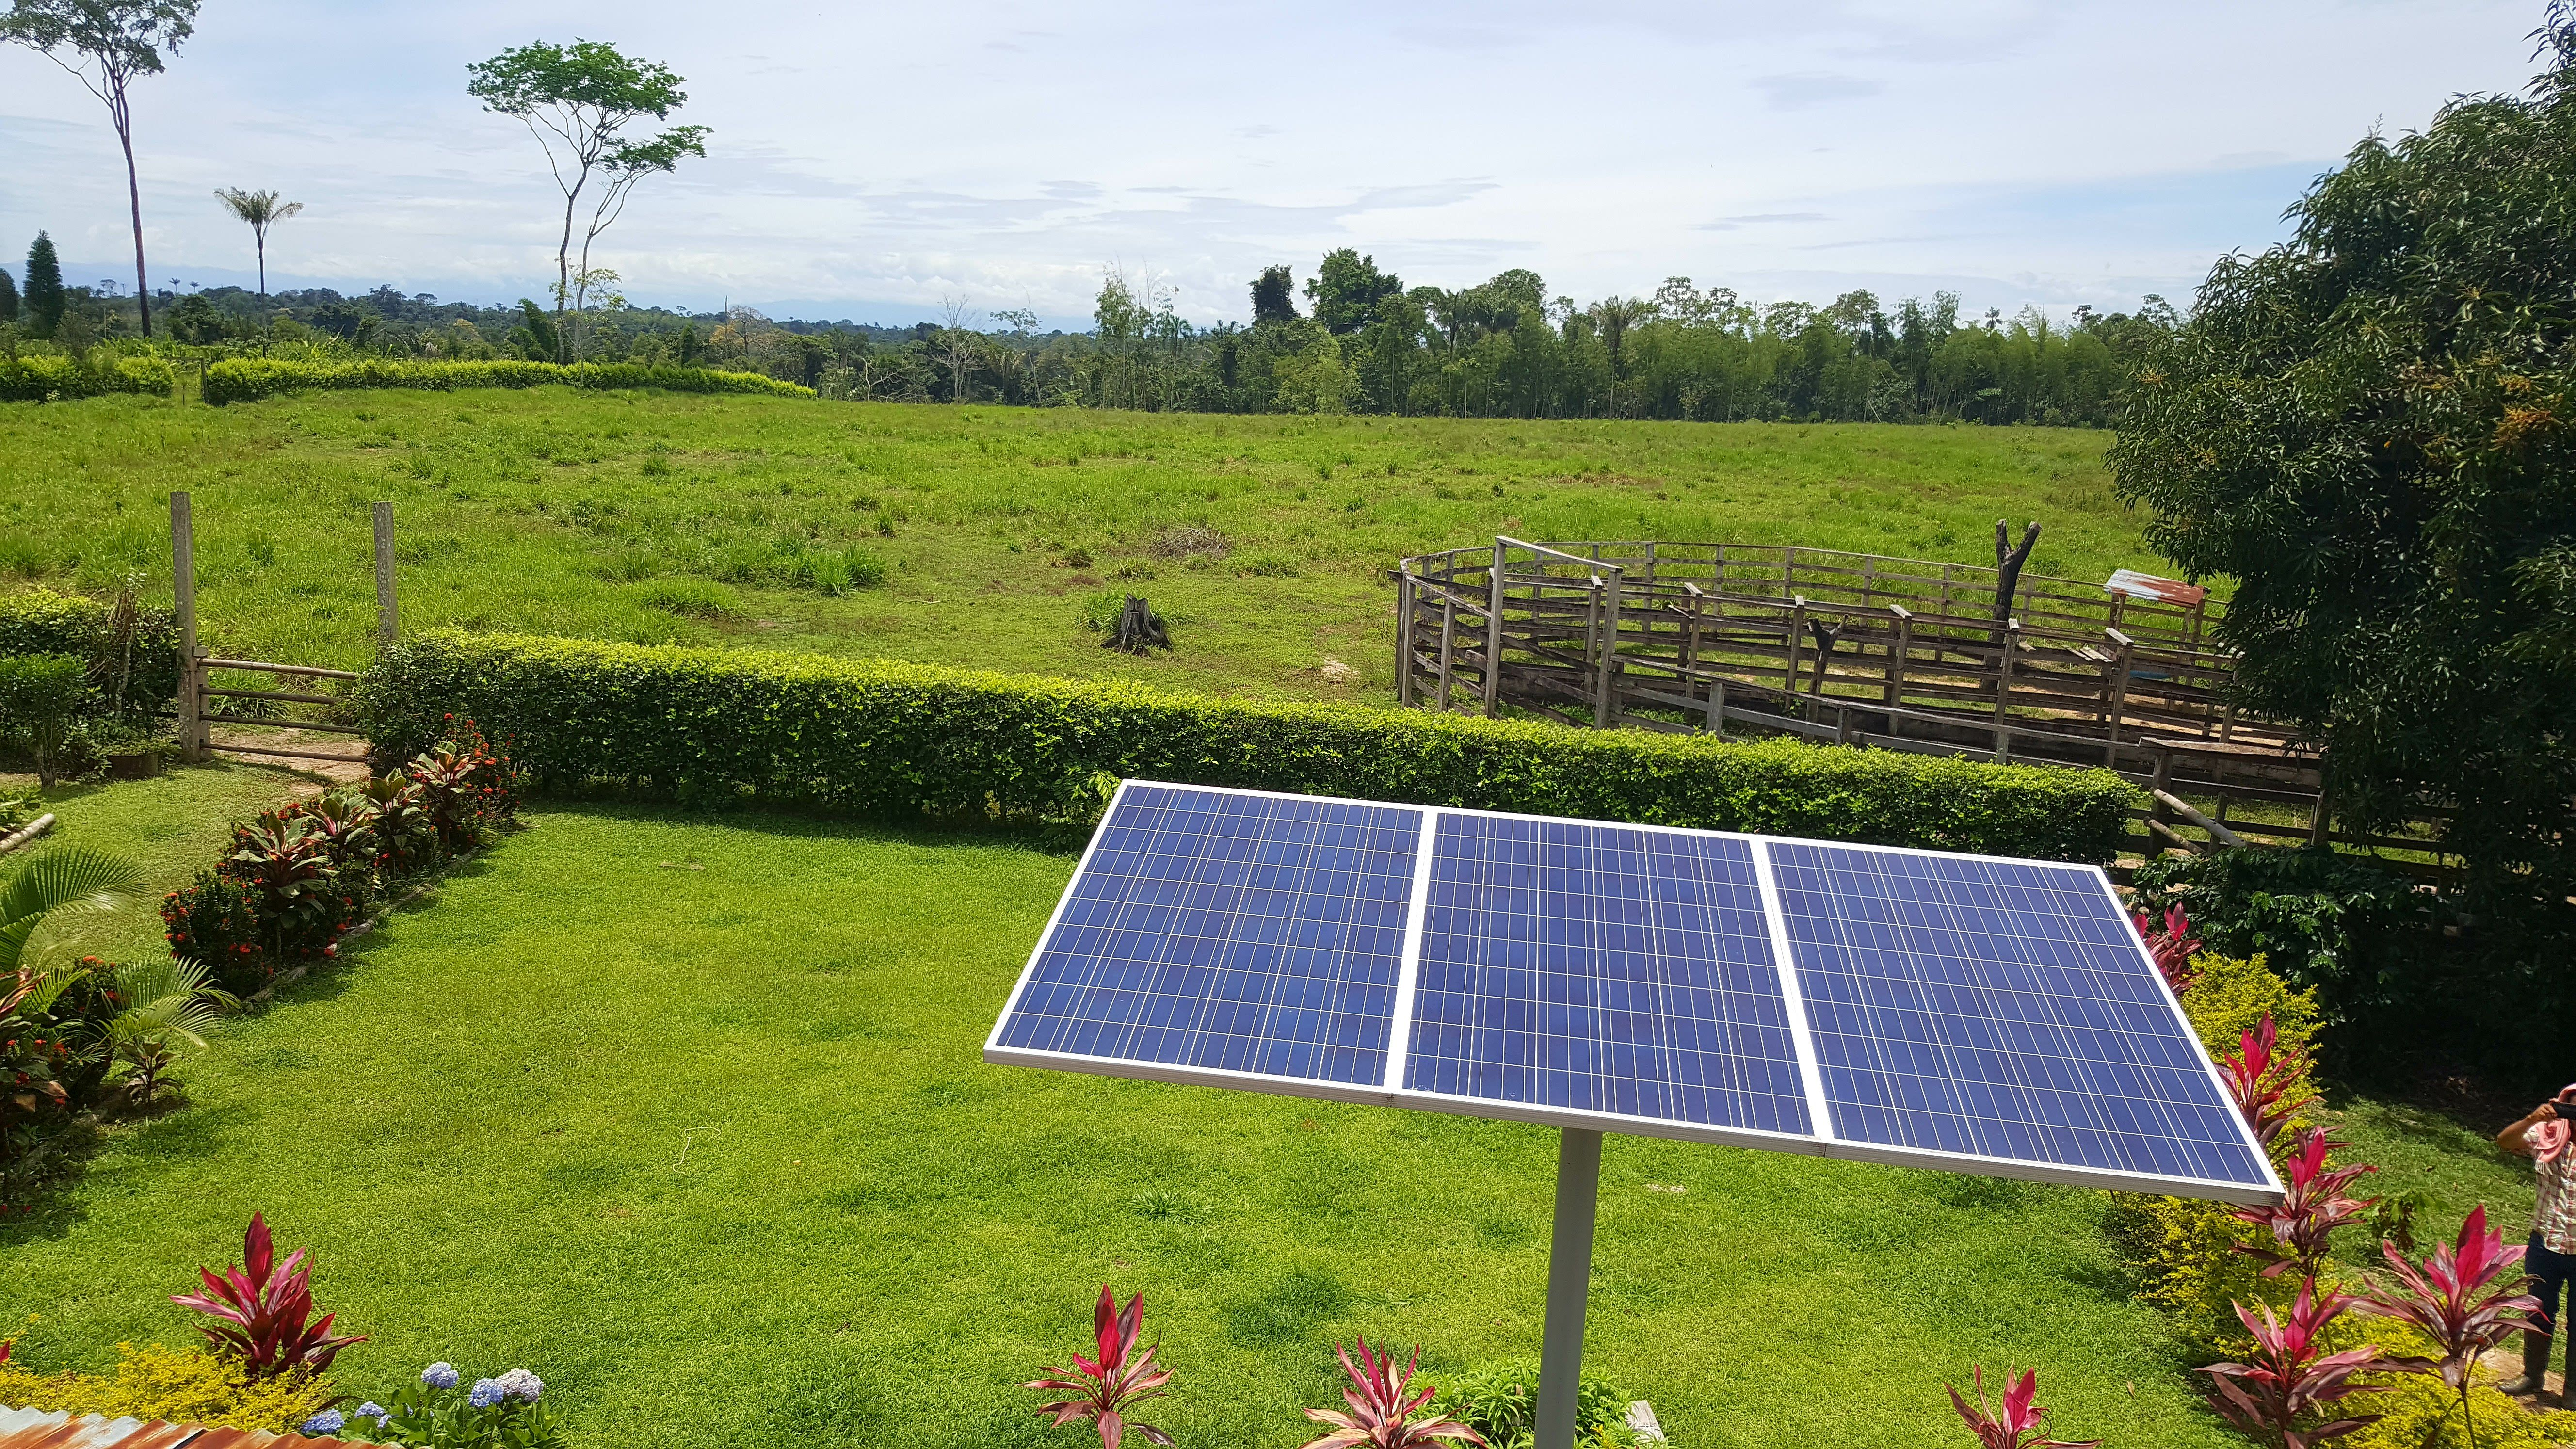 Venta de paneles solares en - Paneles solares para abastecer una casa ...